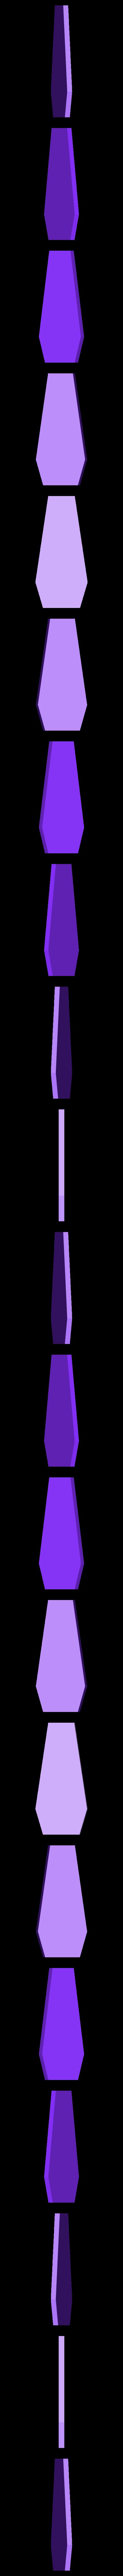 lid.stl Download free STL file Mini Coffin • 3D printer design, mtairymd